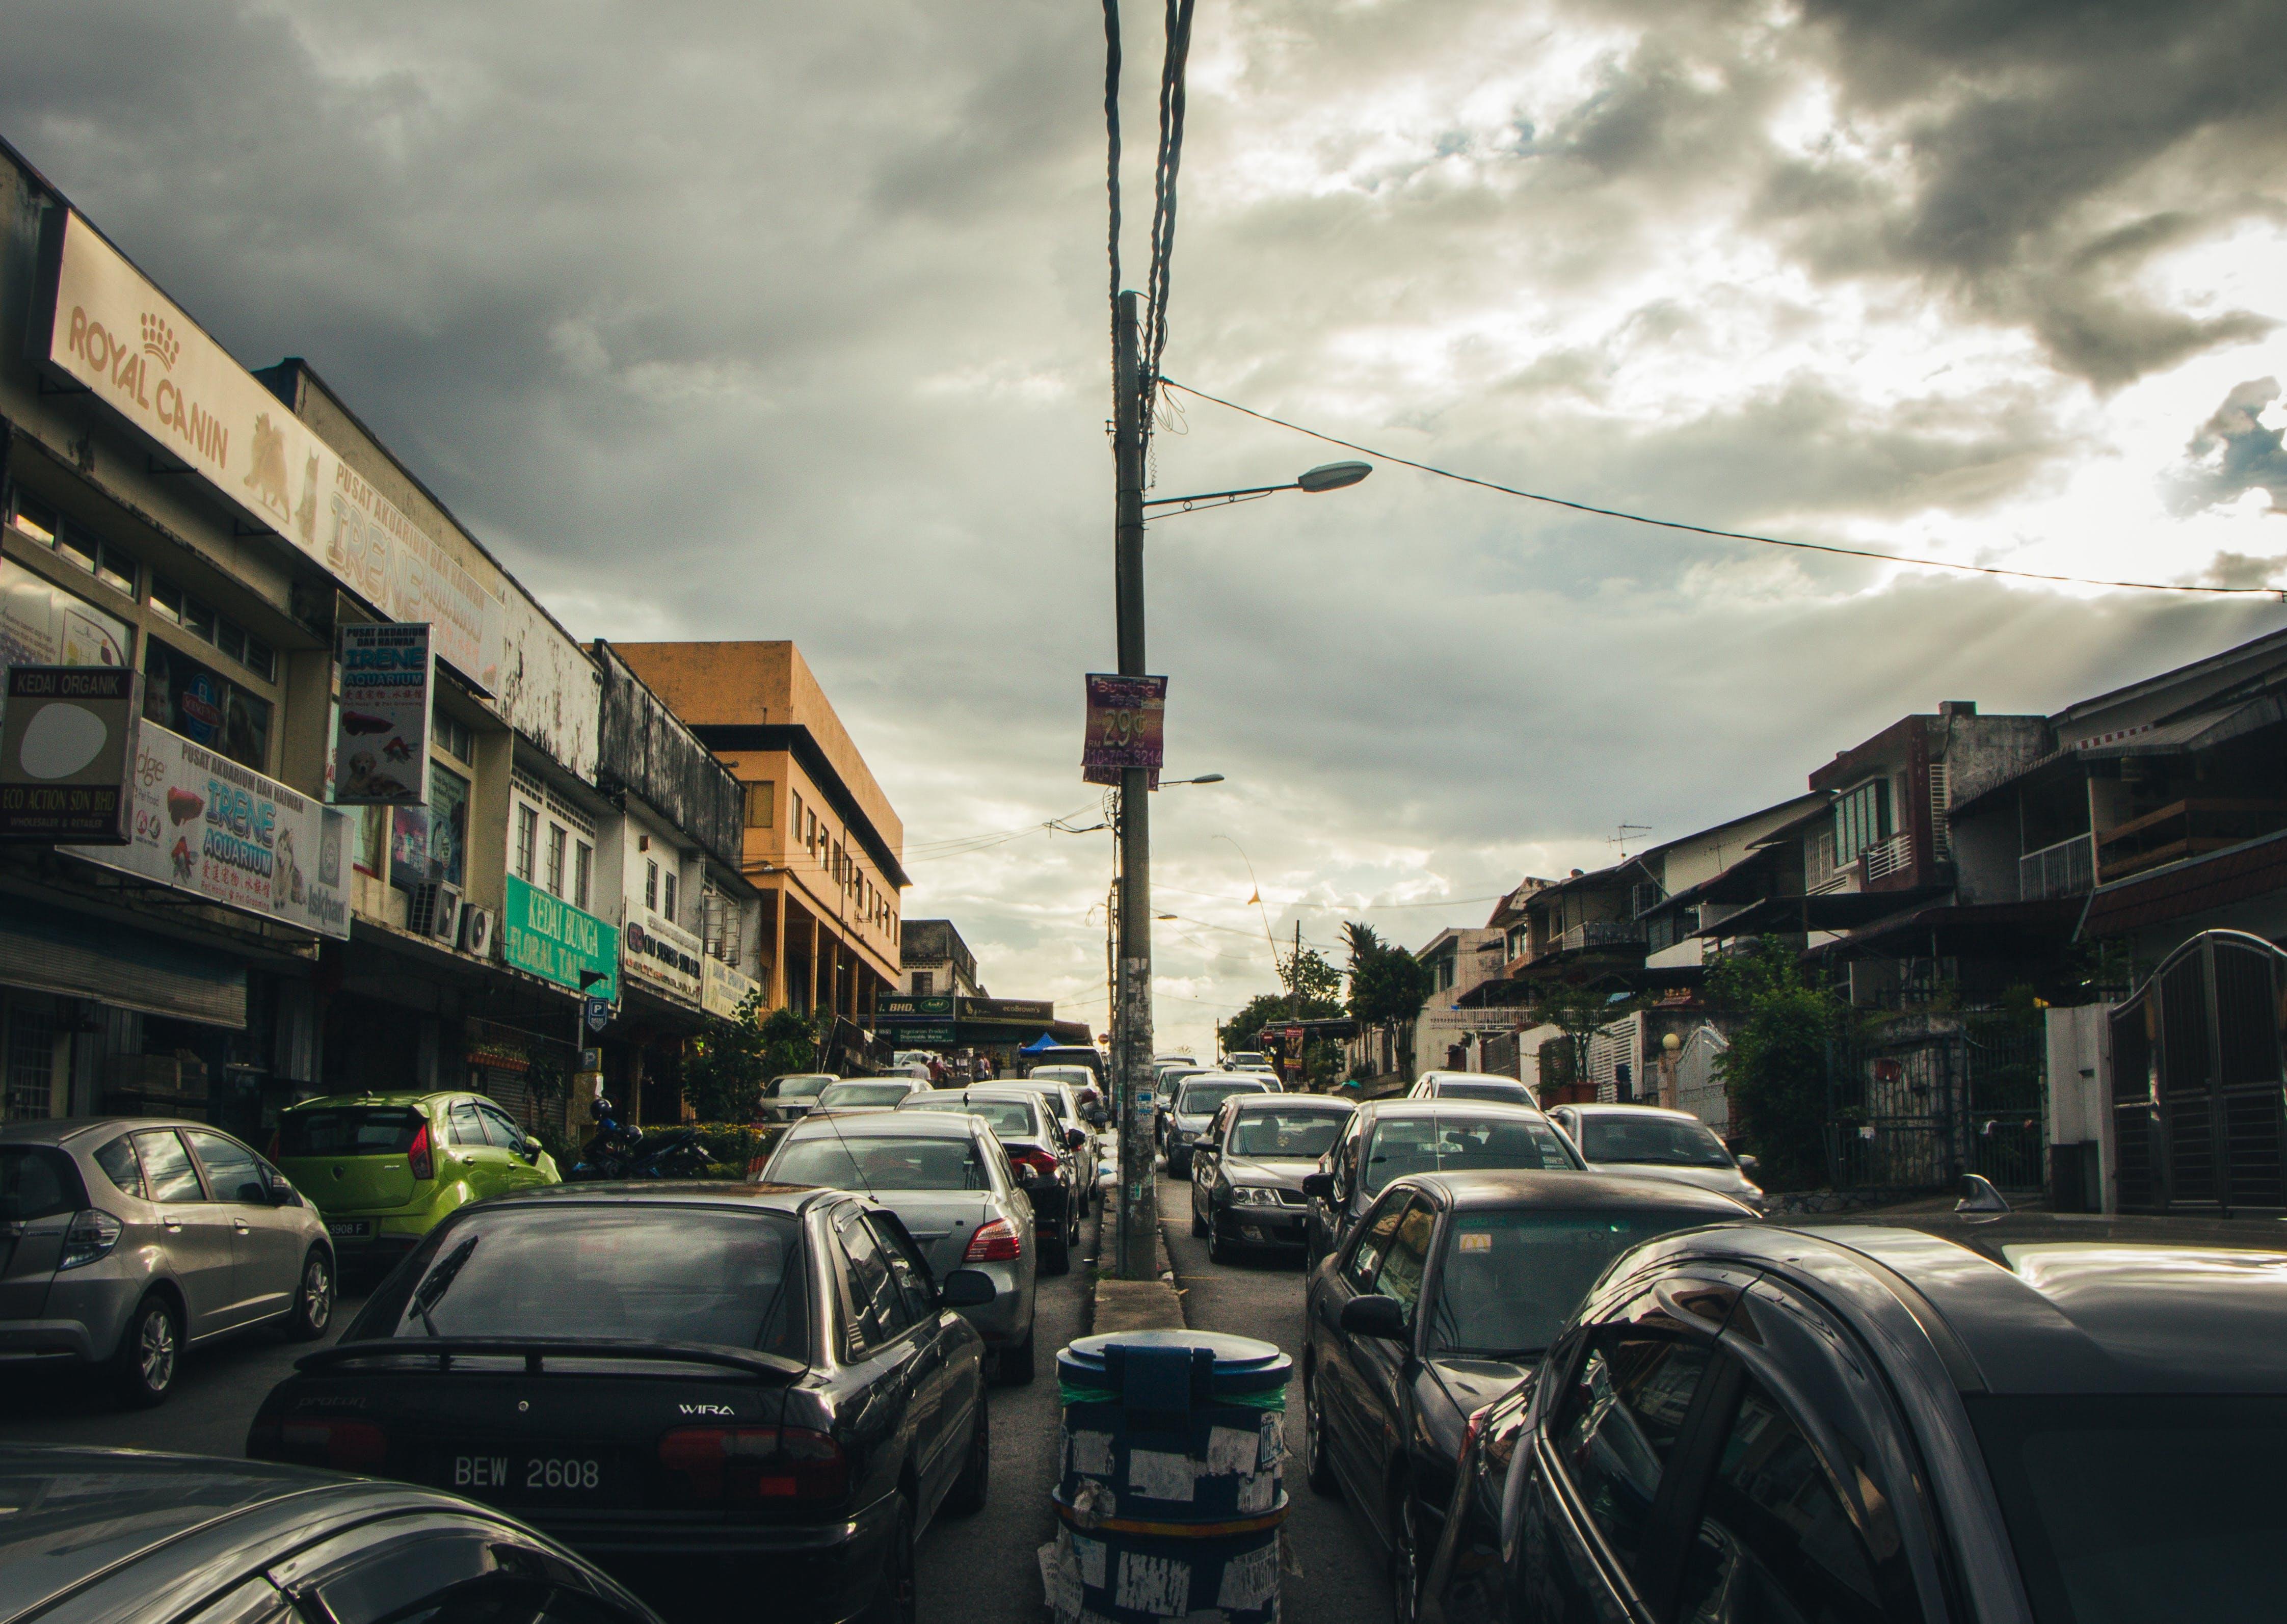 Kostenloses Stock Foto zu autos, bewölkt, draußen, gebäude